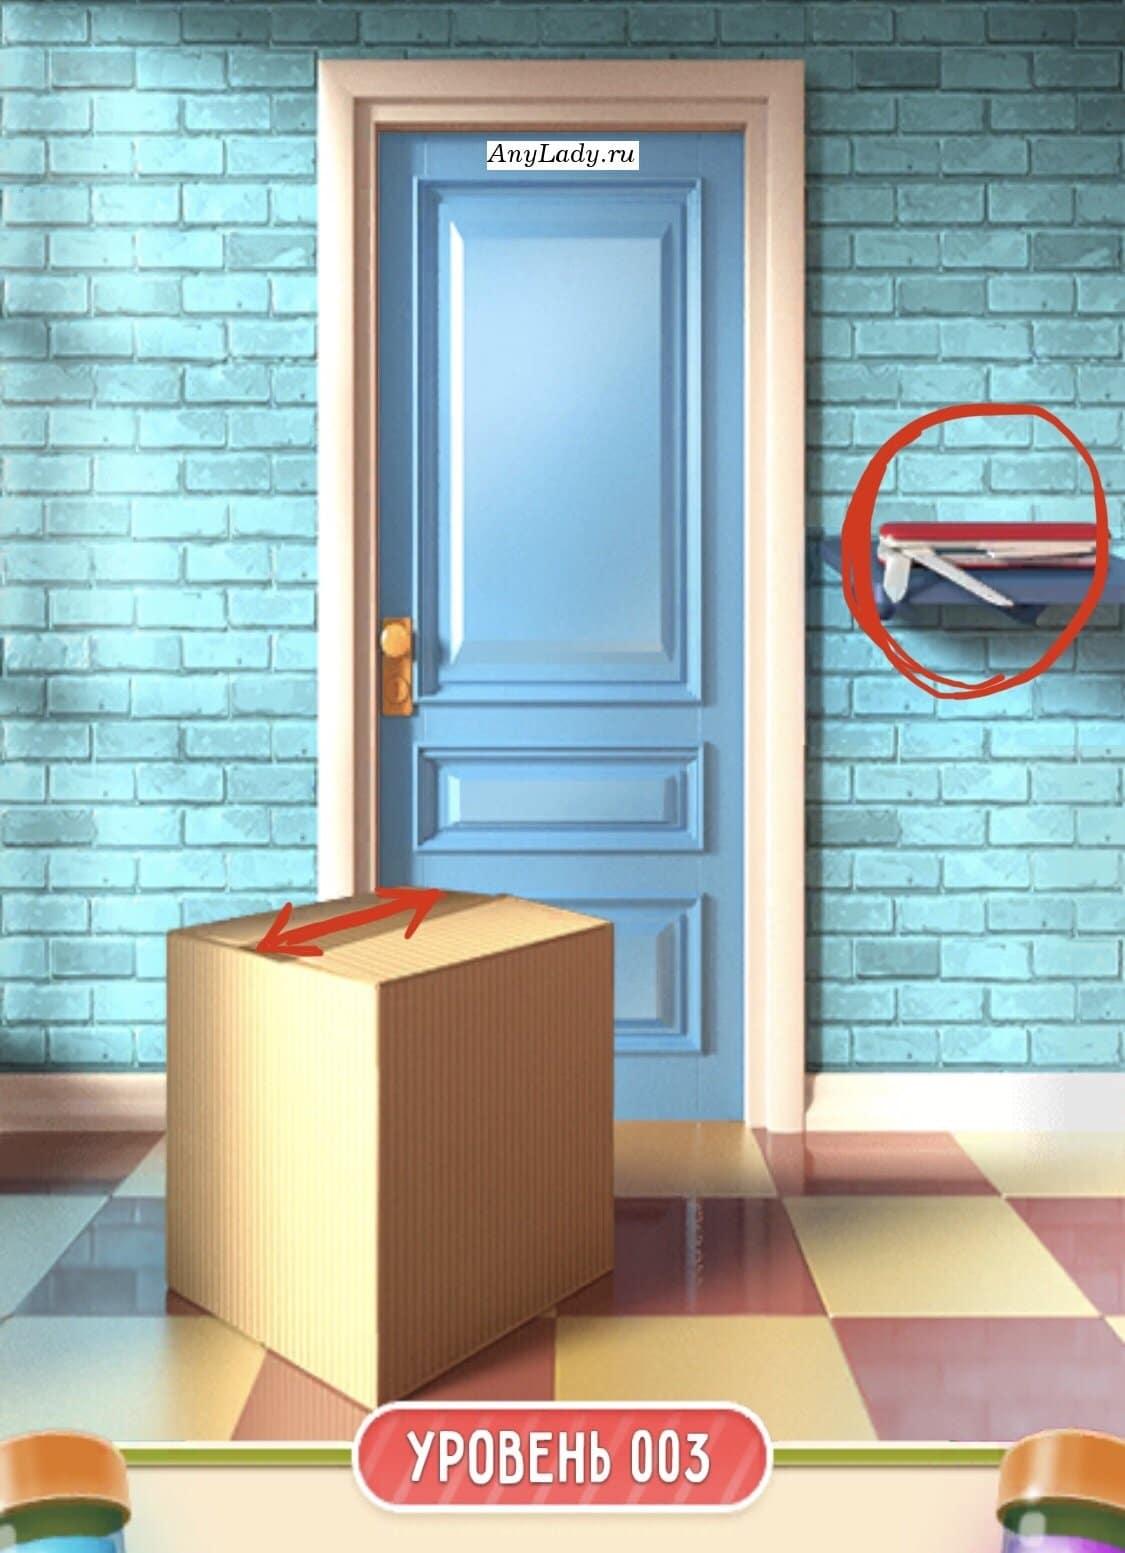 Ключ от двери в коробке, чтобы ее открыть возьмите нож лежащий на полке. Далее выберите нож и проведите им по верхушки коробки. Достаньте ключ и откройте дверь.